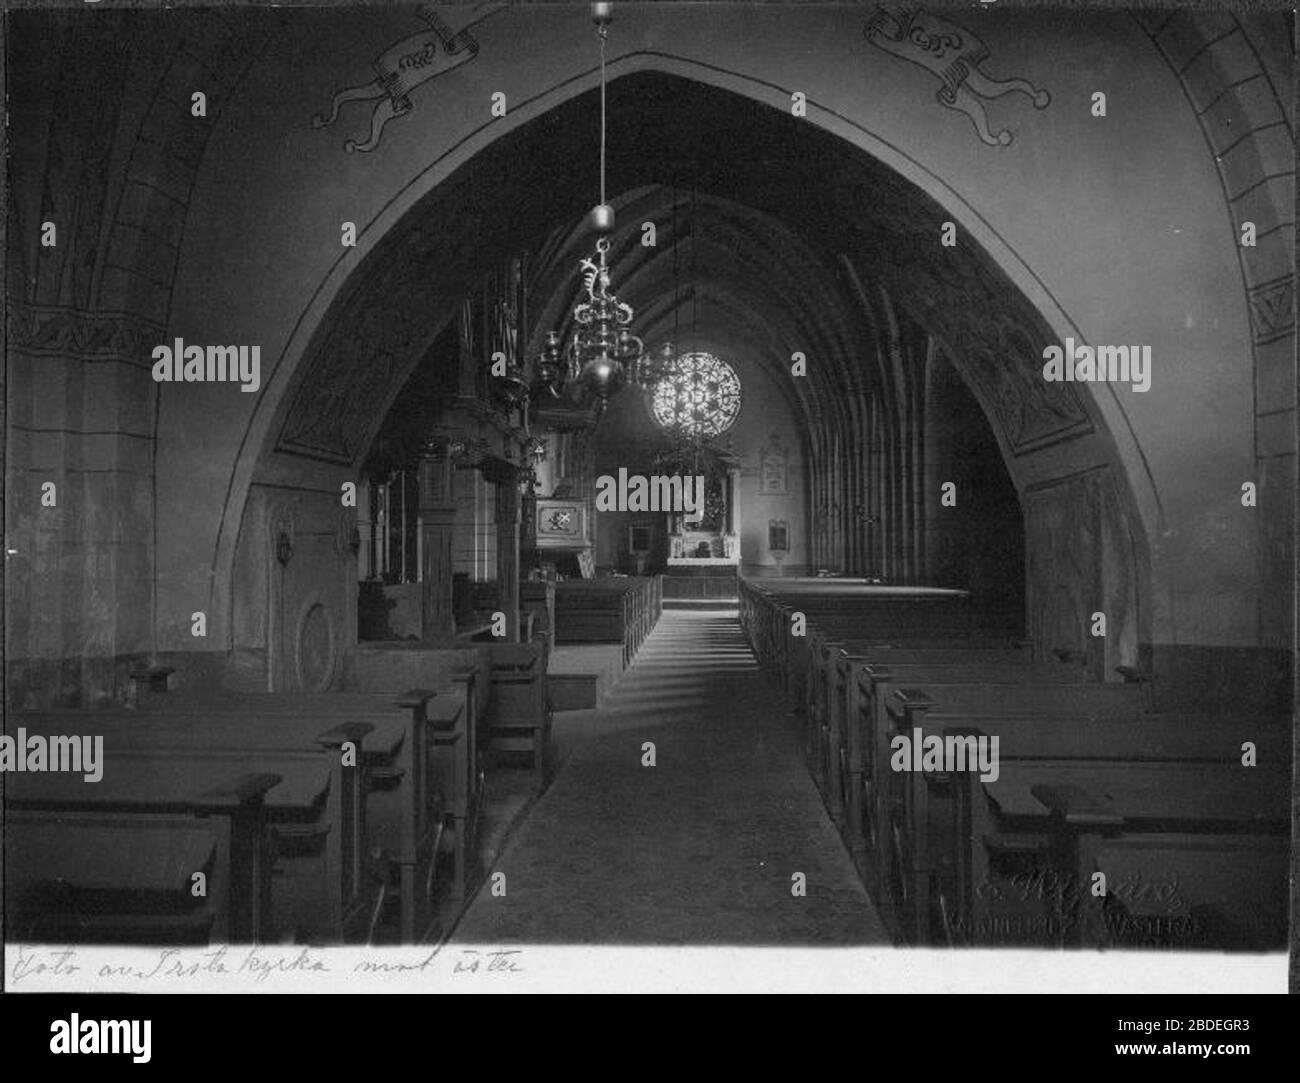 Lindberg - Offentliga medlemsfoton och skannade - Ancestry